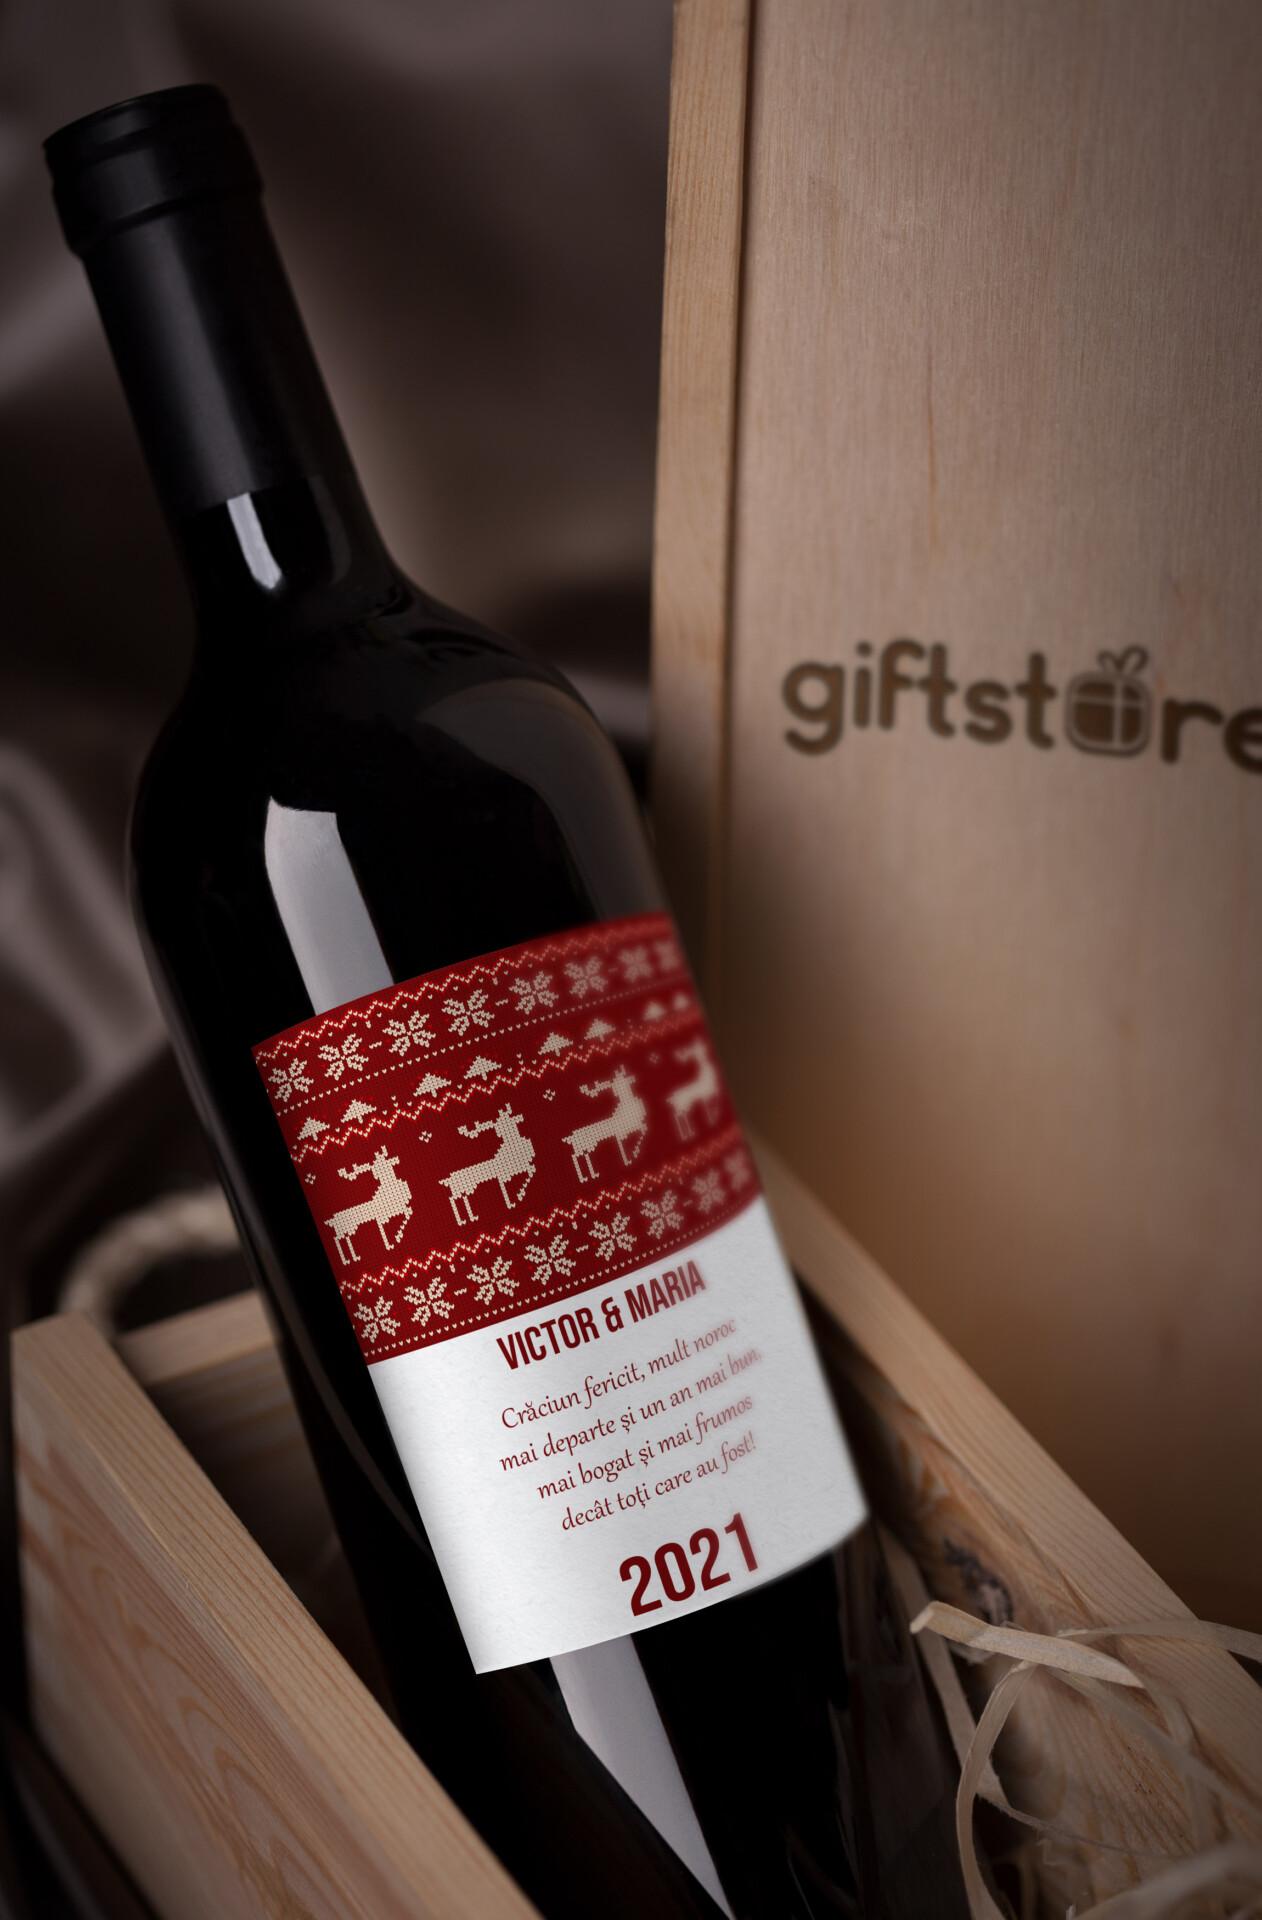 vin personalizat cu nume si mesaj